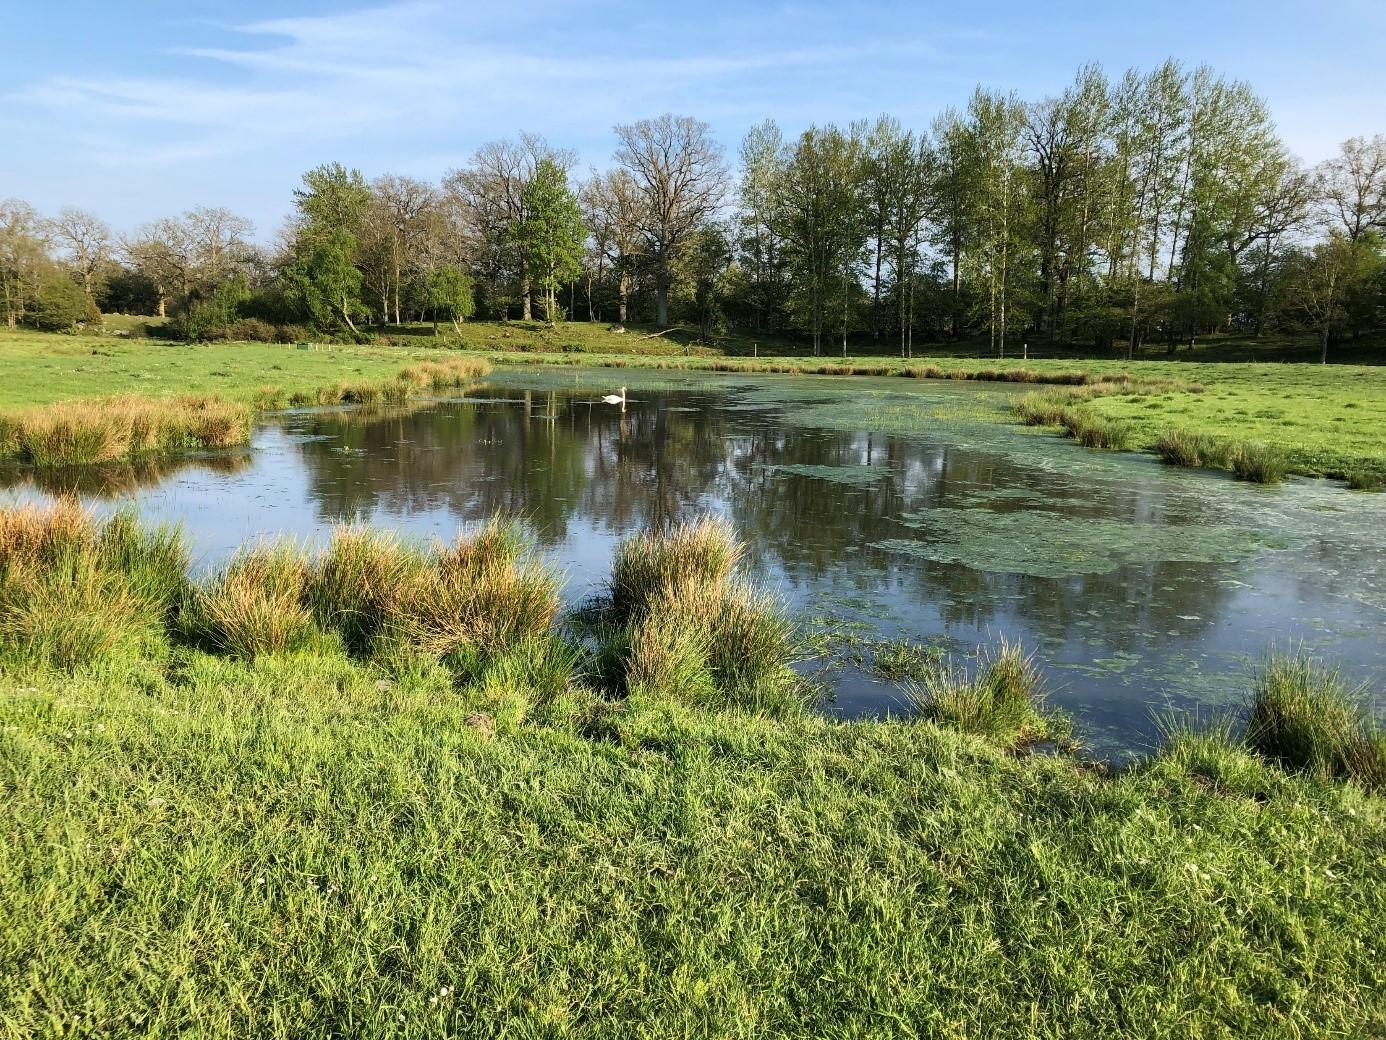 I förgrunden av fotot syns våtmarkens kant. På andra sidan våtmarken syns träd och en blå himmel. I våtmarken syns växtlighet och flytande alger.